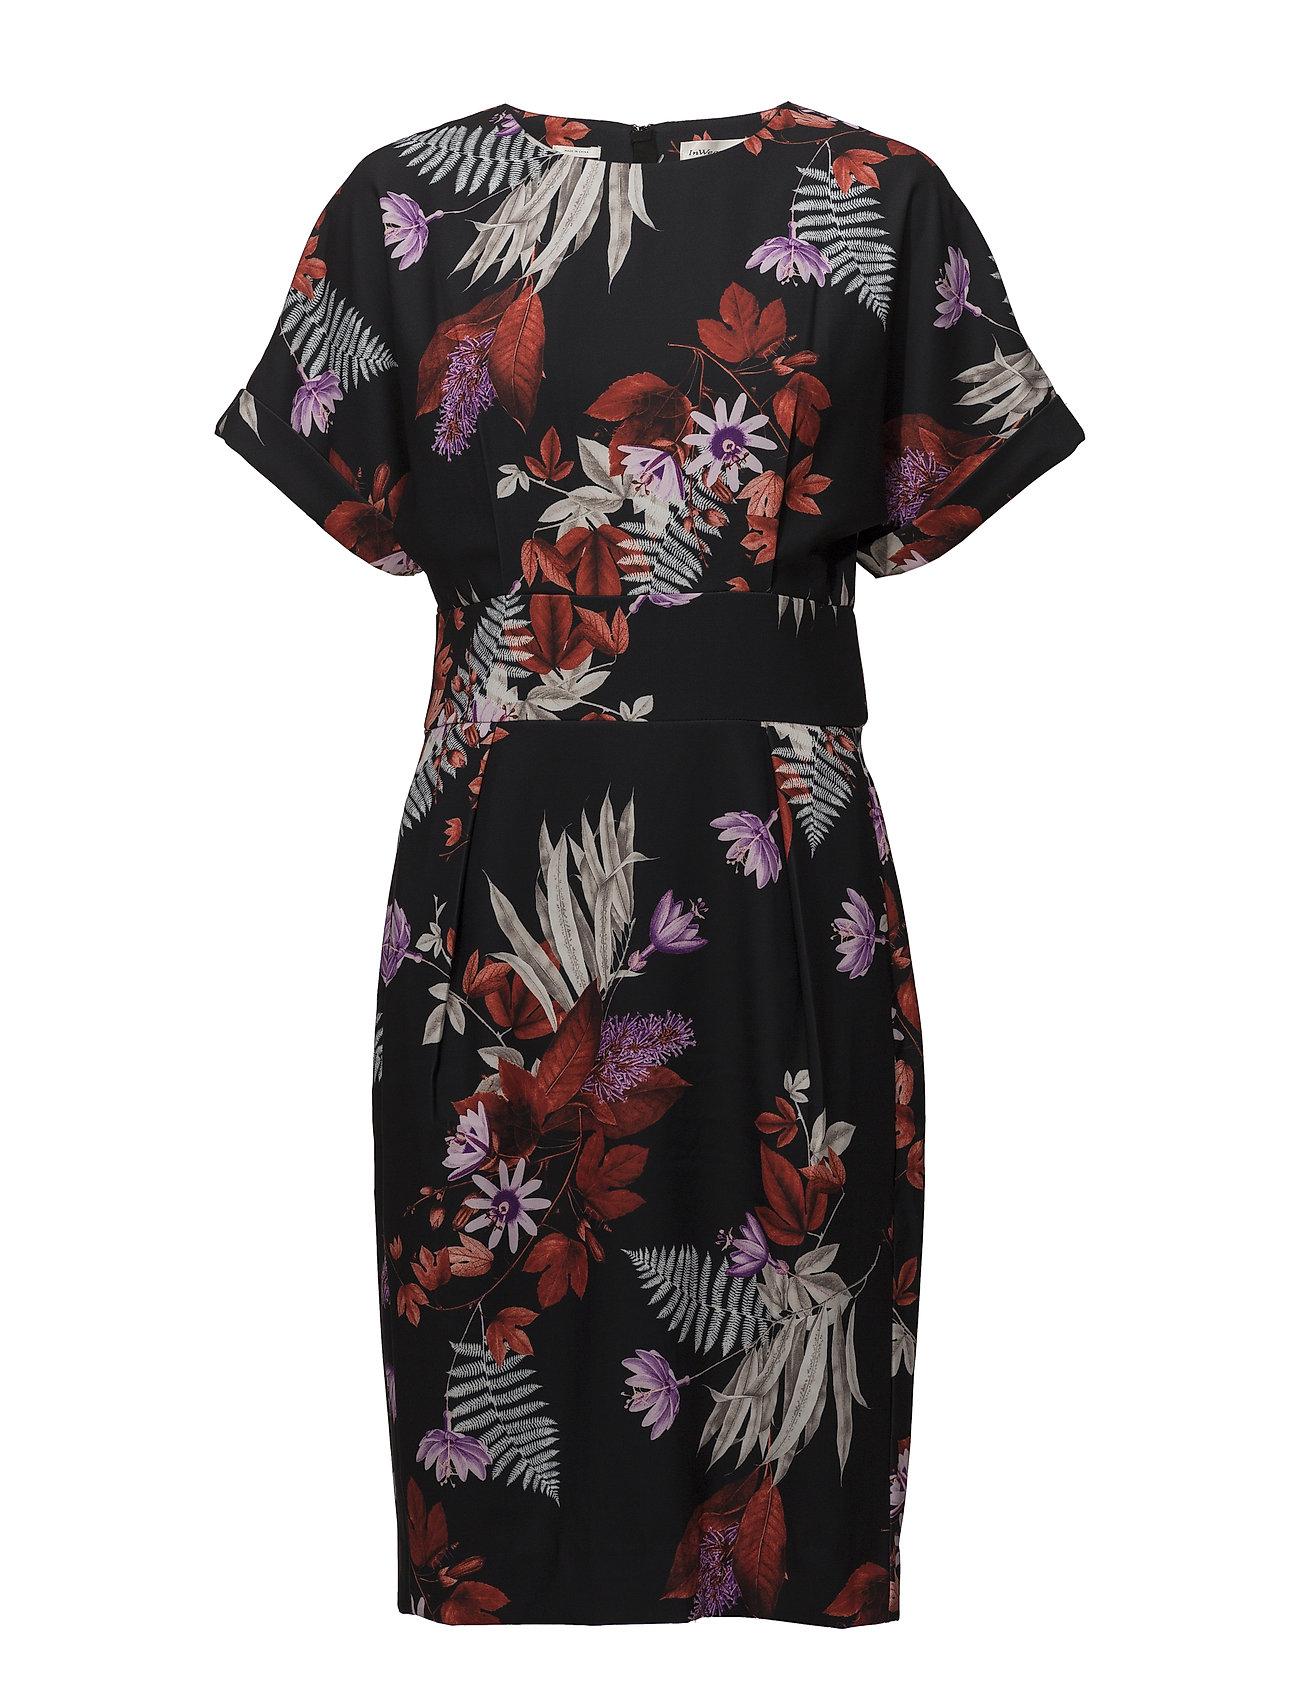 InWear Greer Printed Dress HW